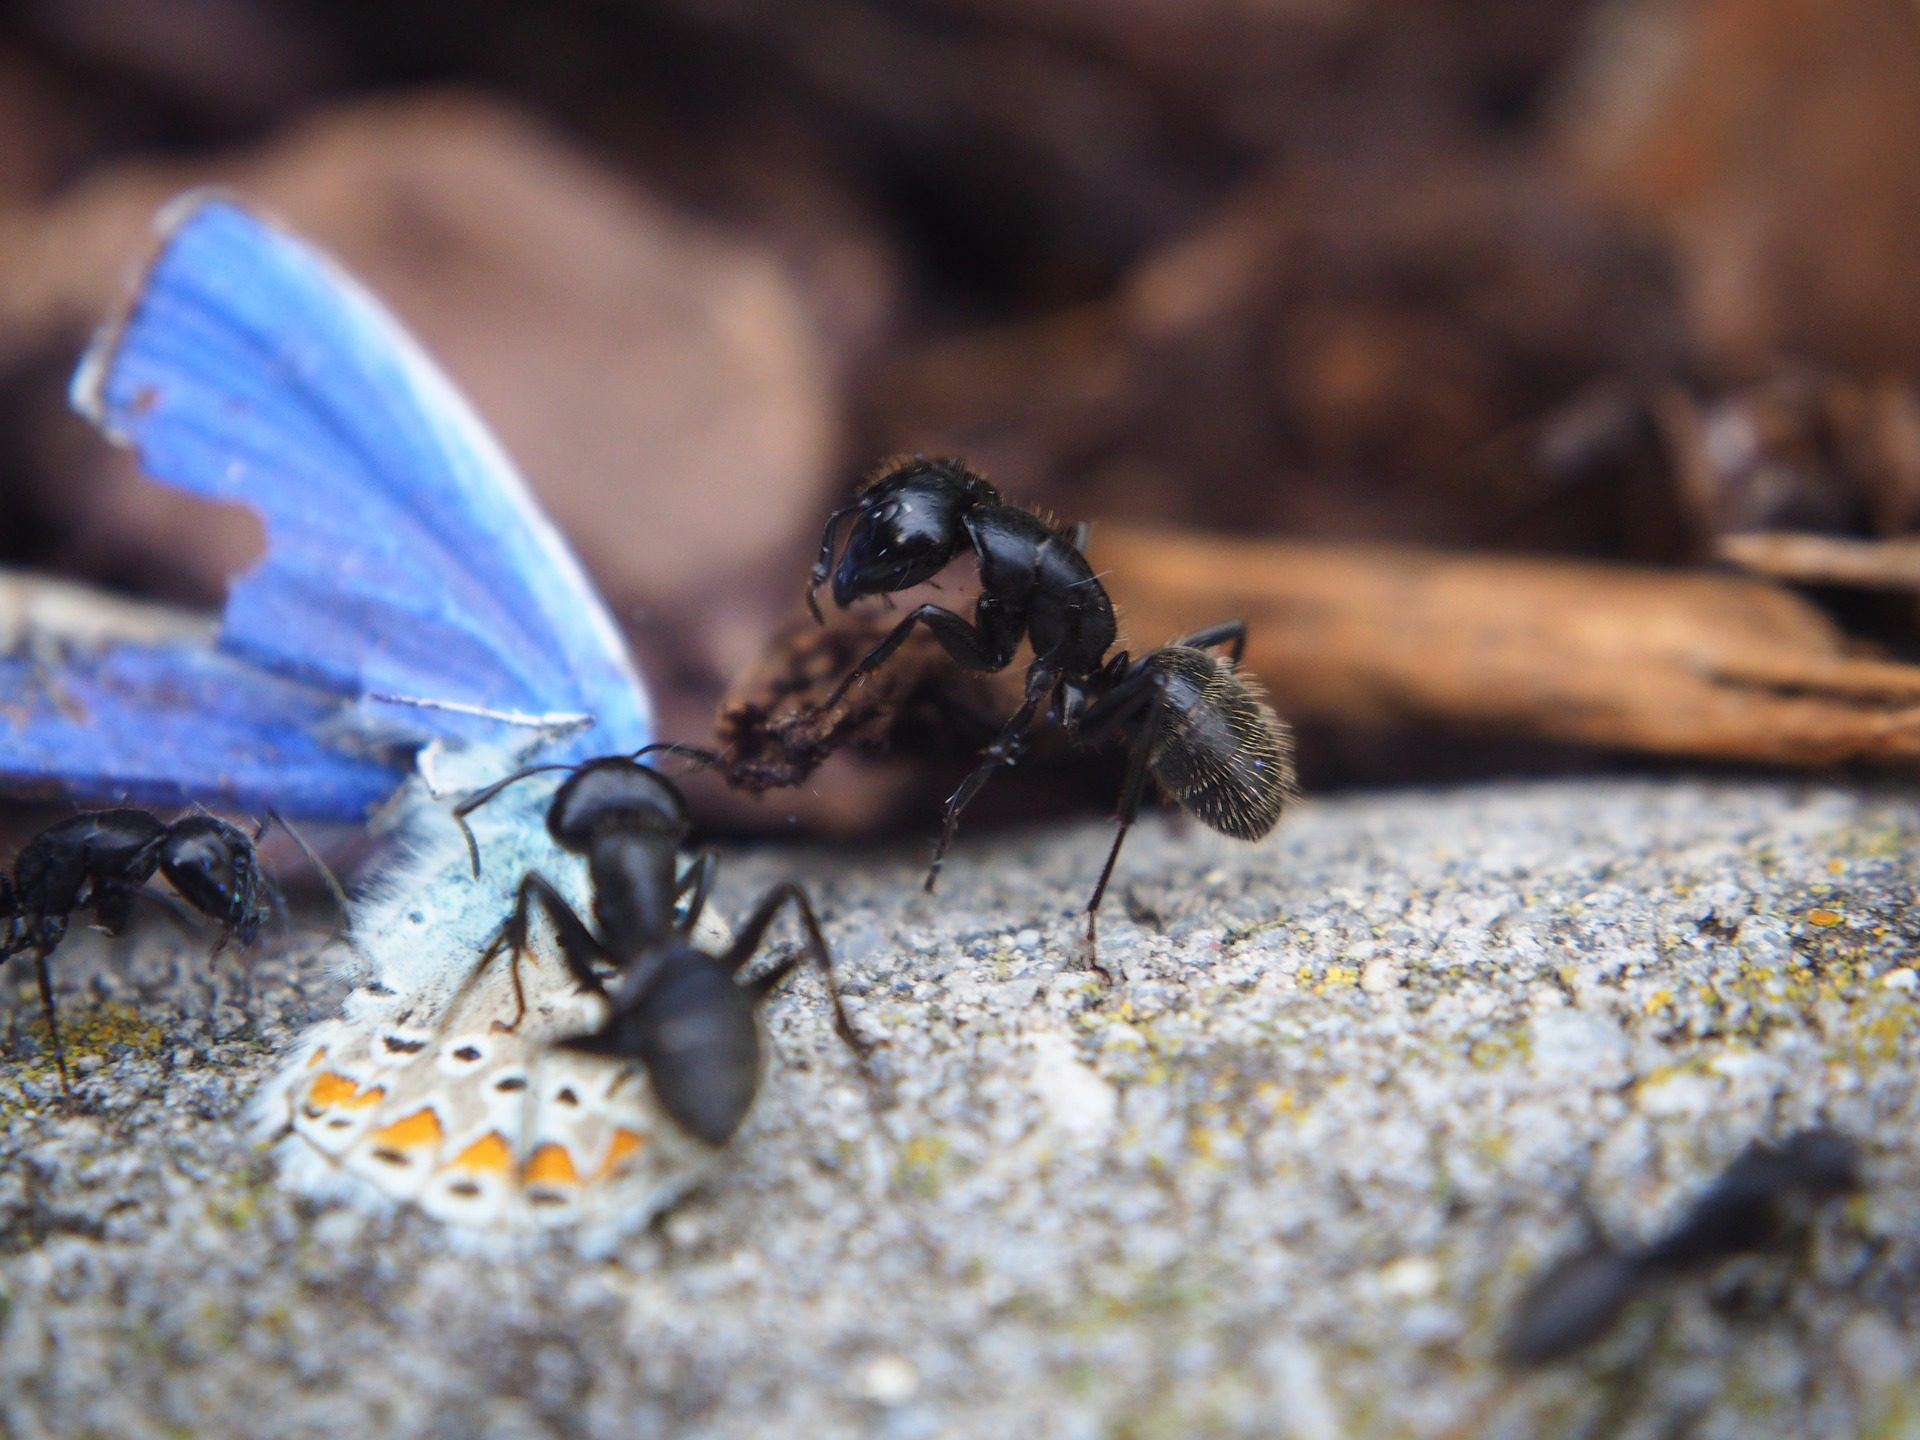 النمل, الحشرات, زهرة, العمل, فريق - خلفيات عالية الدقة - أستاذ falken.com